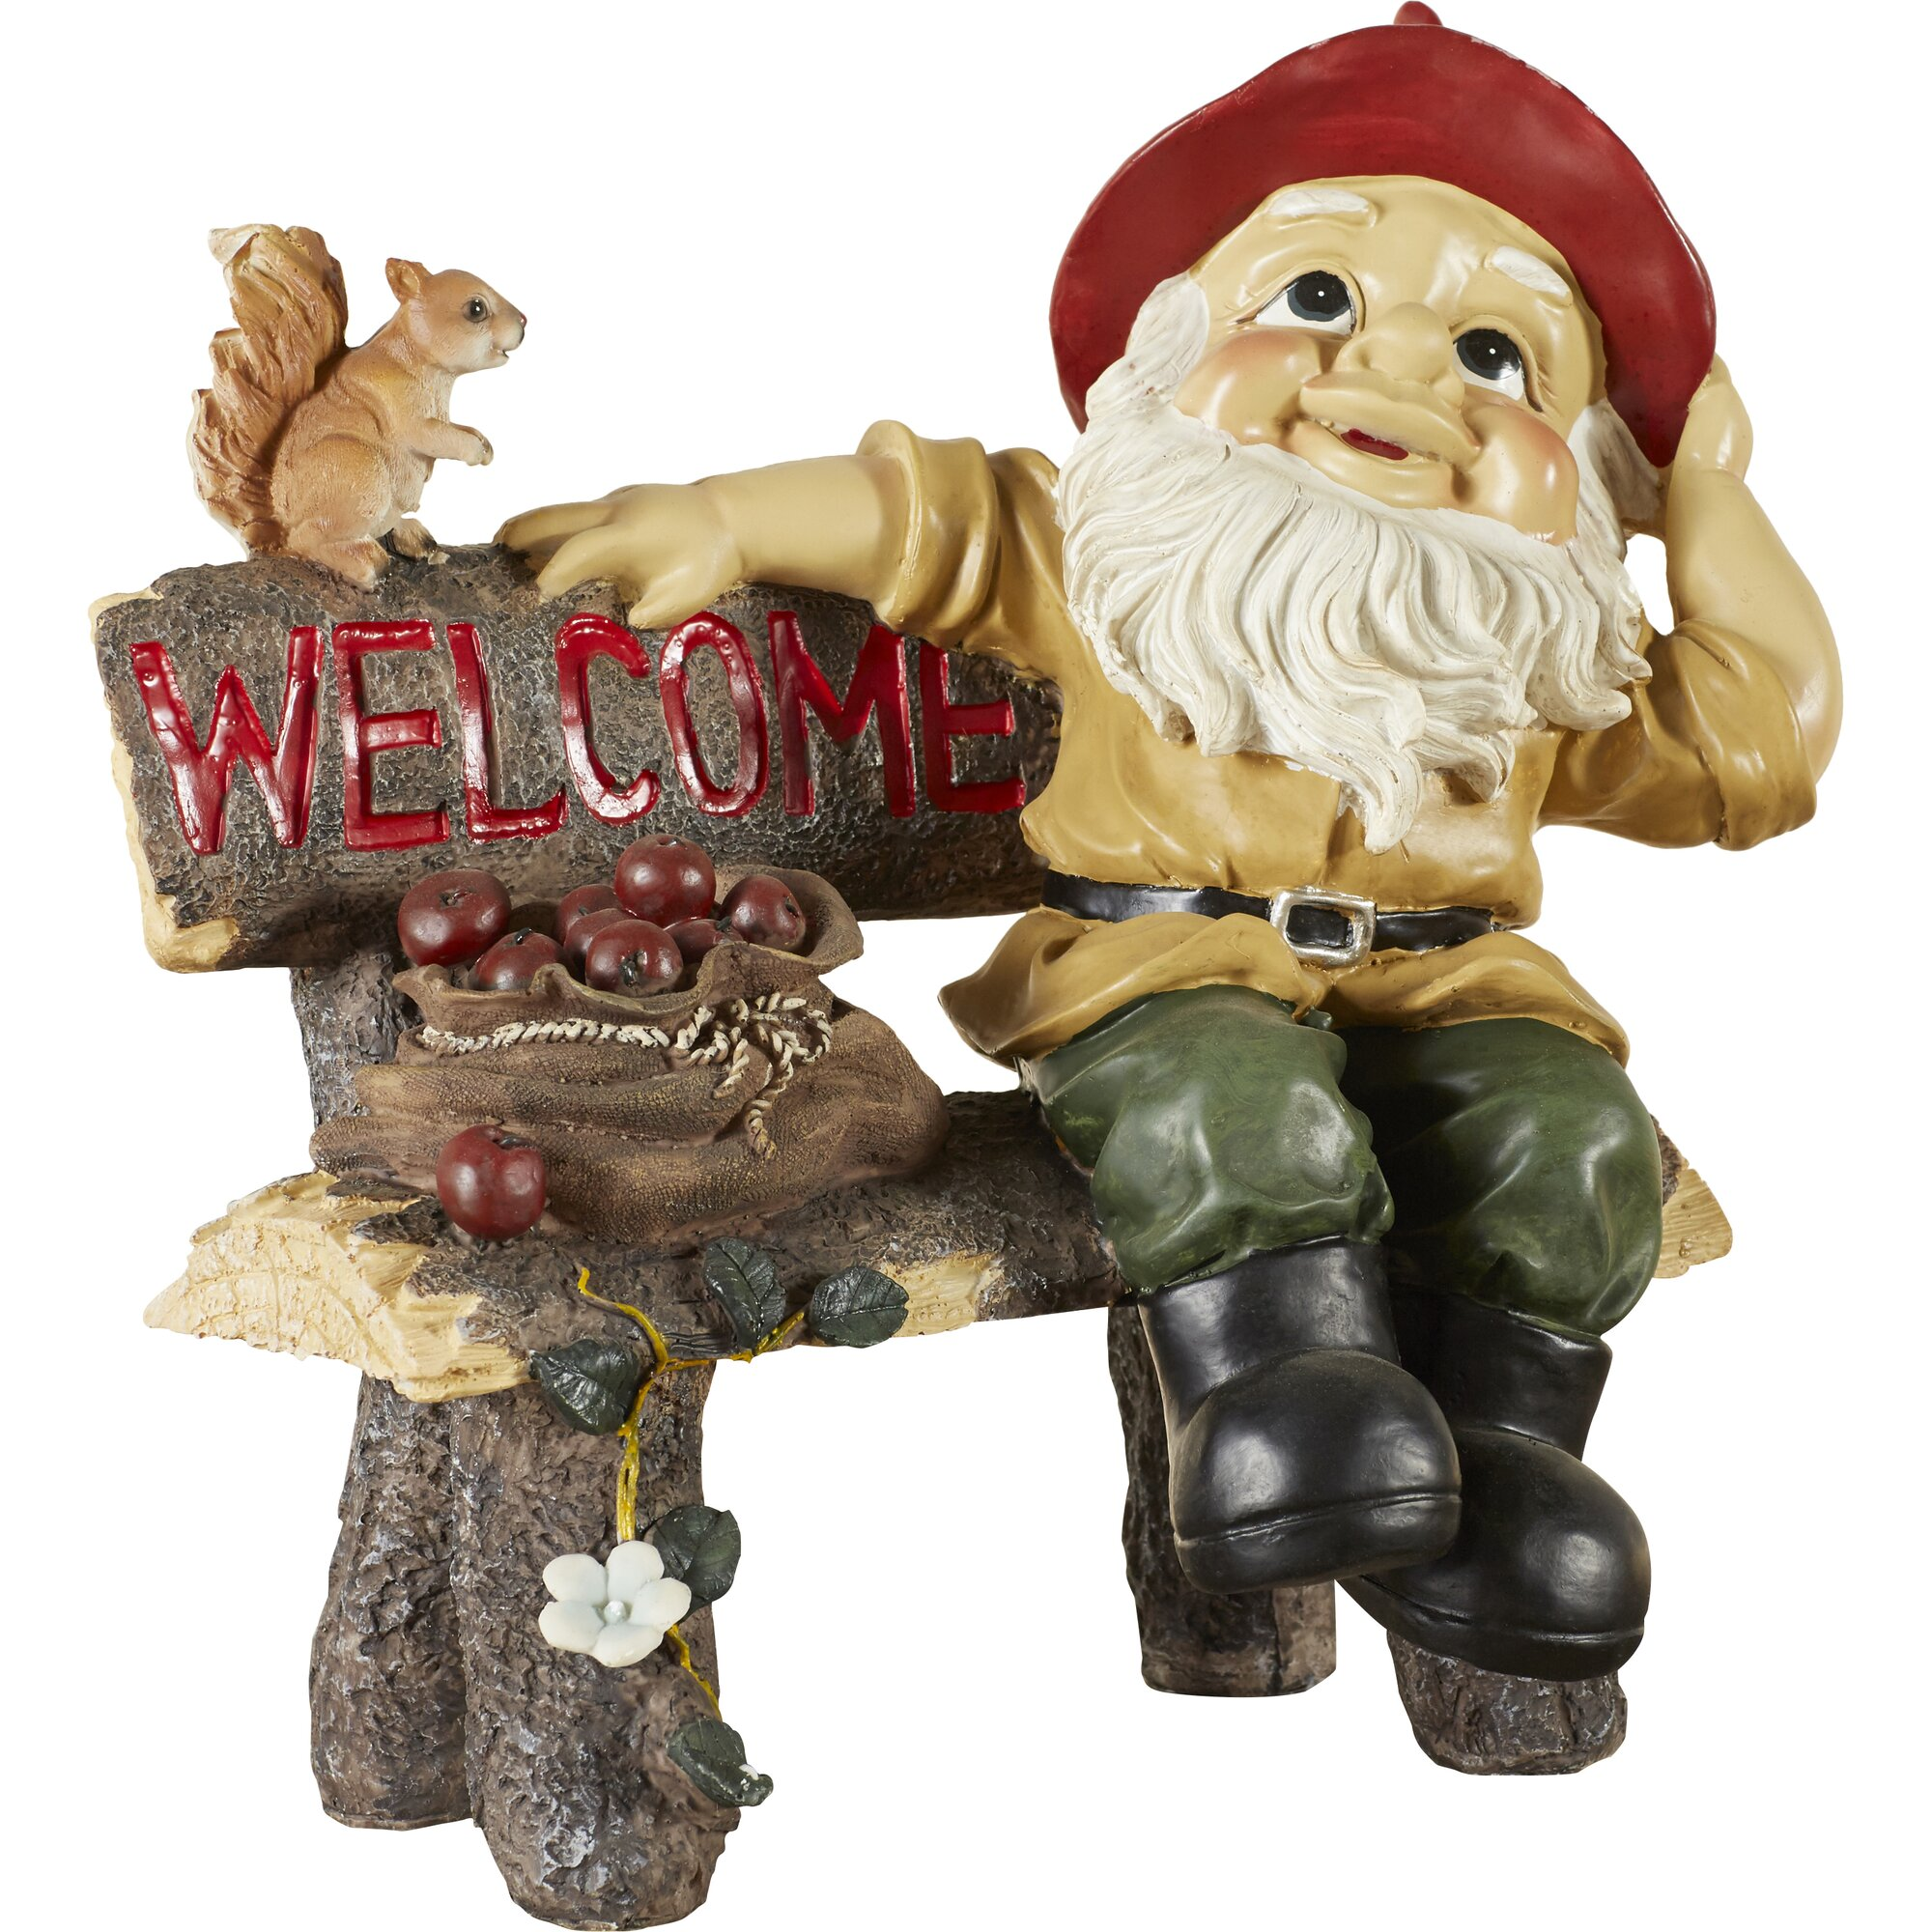 Unique lawn ornaments - Welcoming Garden Gnome Statue